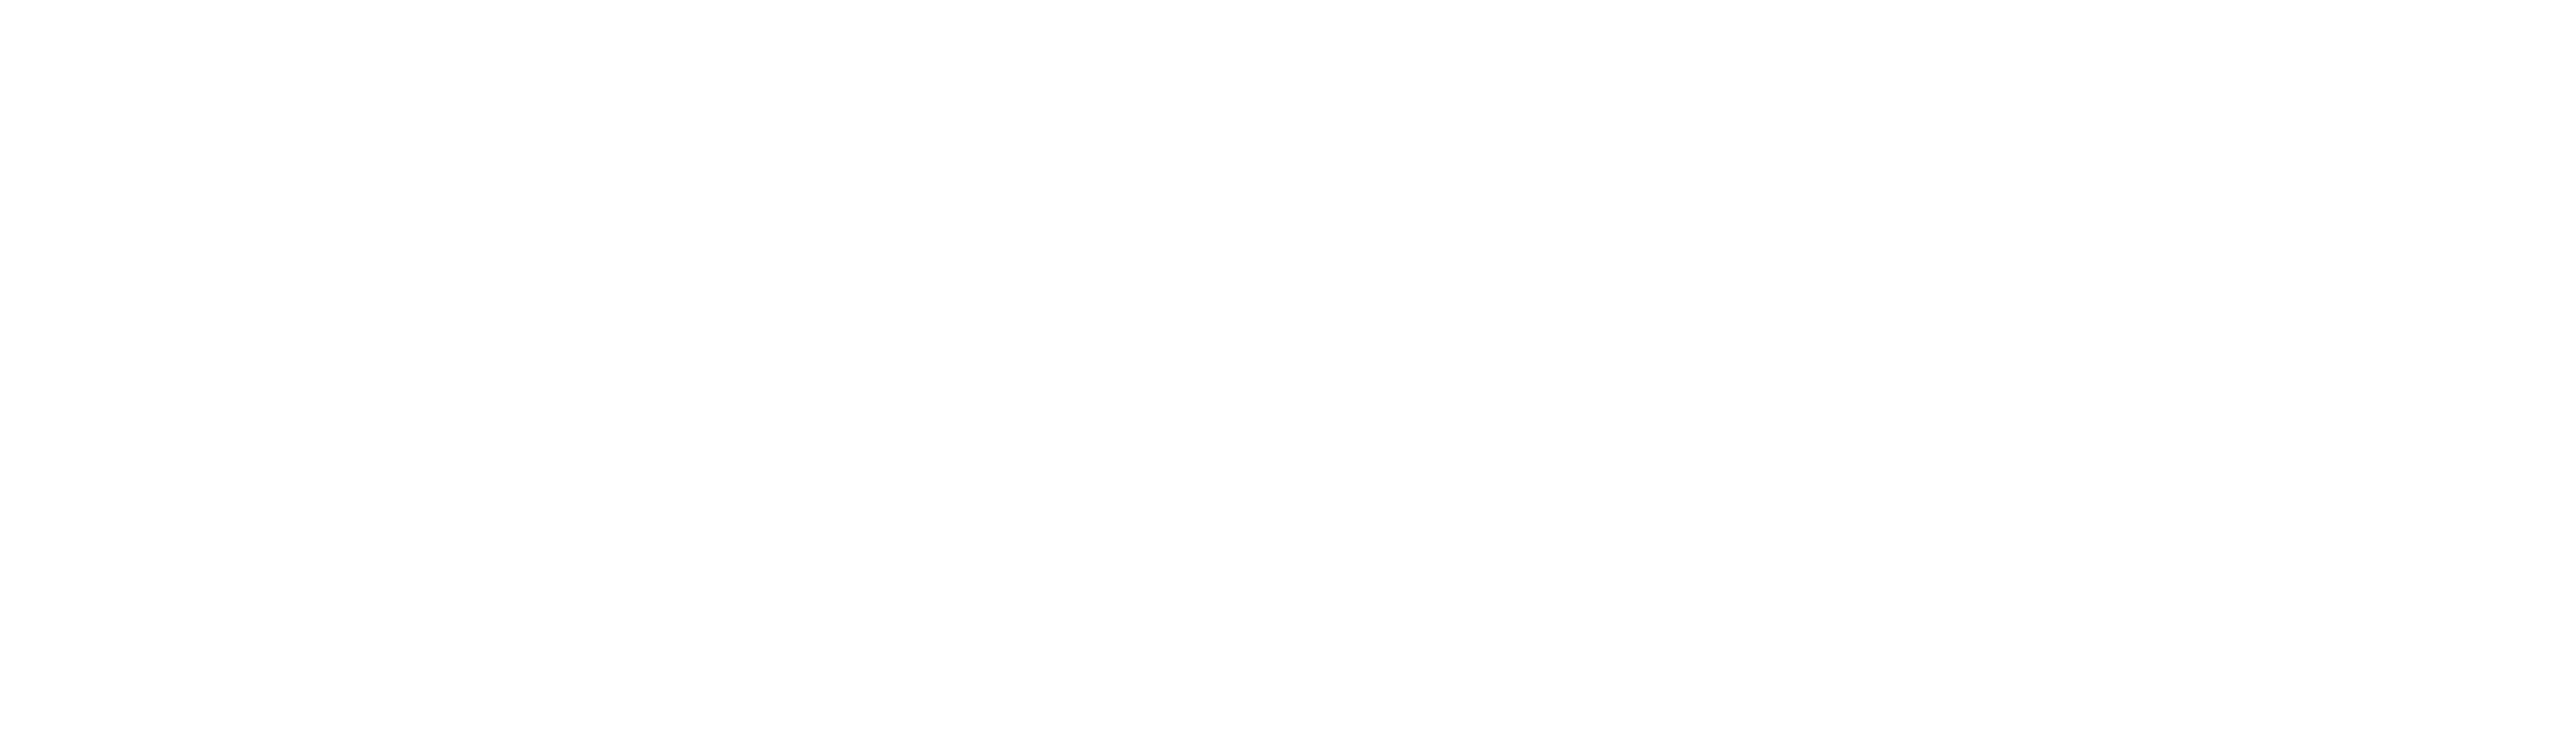 voipten